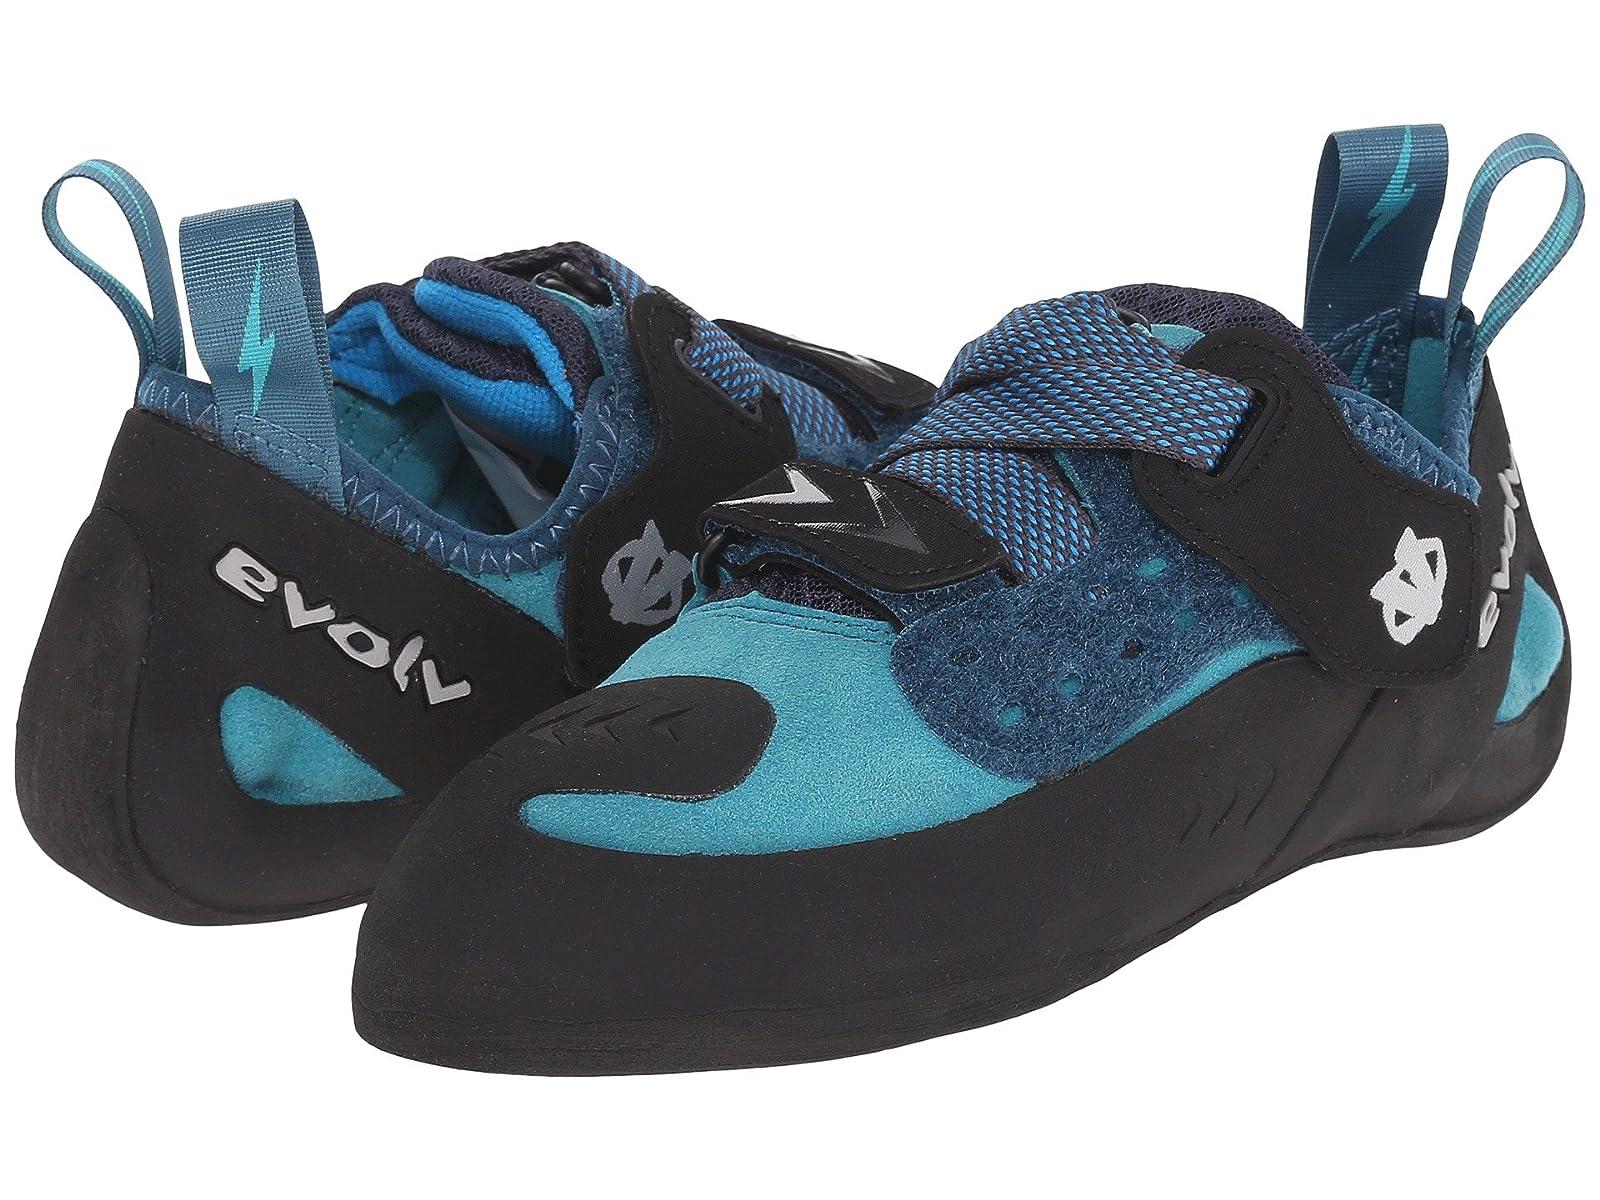 EVOLV KiraAtmospheric grades have affordable shoes